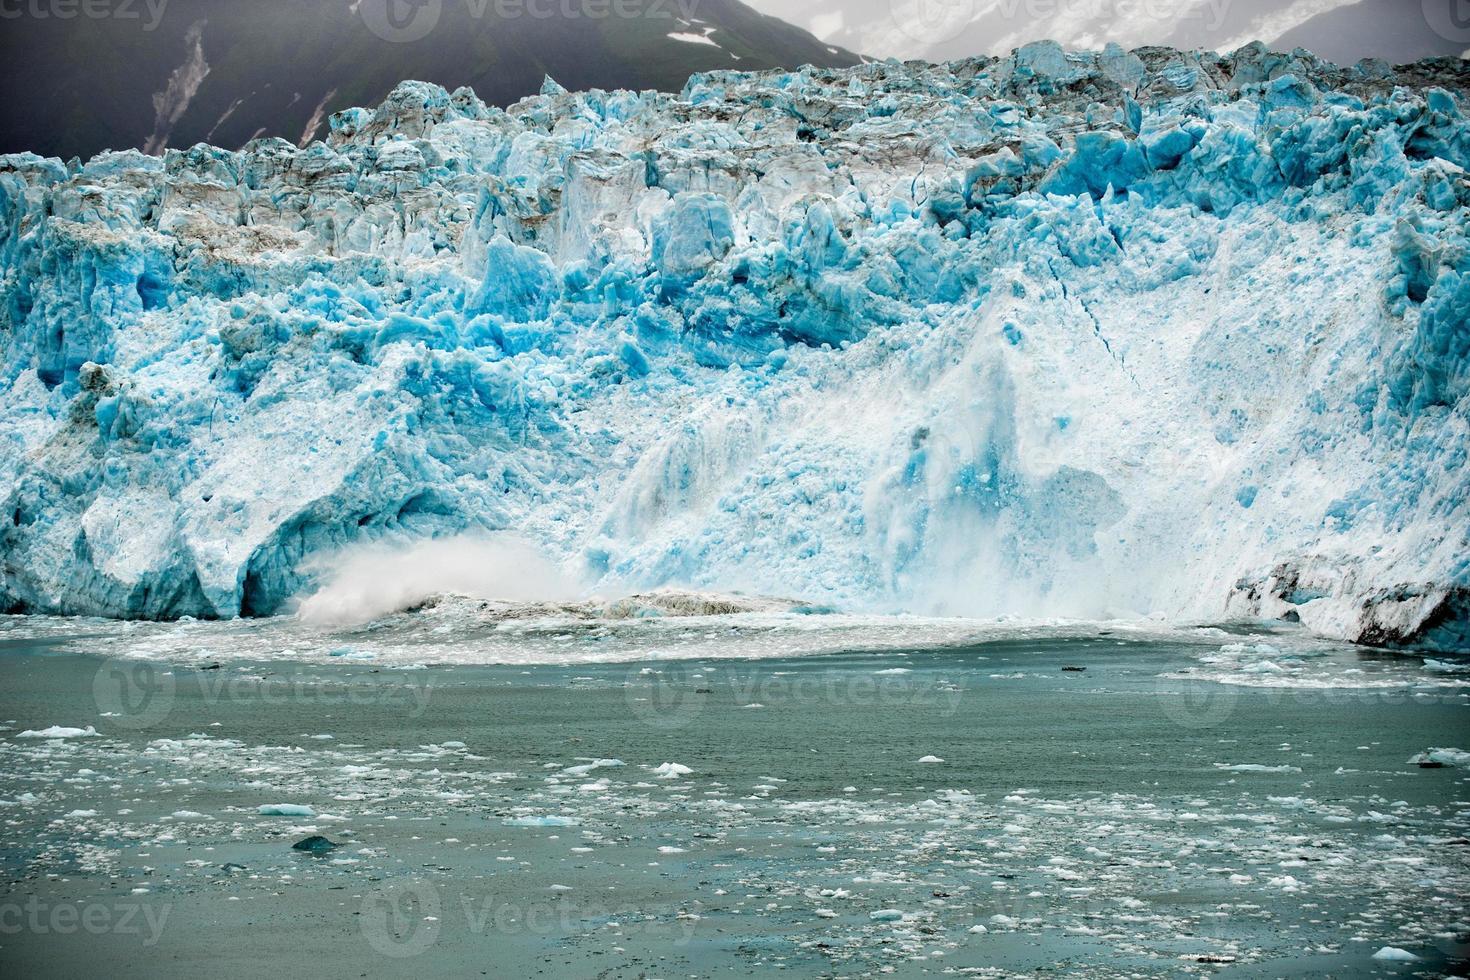 Hubbard-Gletscher beim Schmelzen in Alaska foto